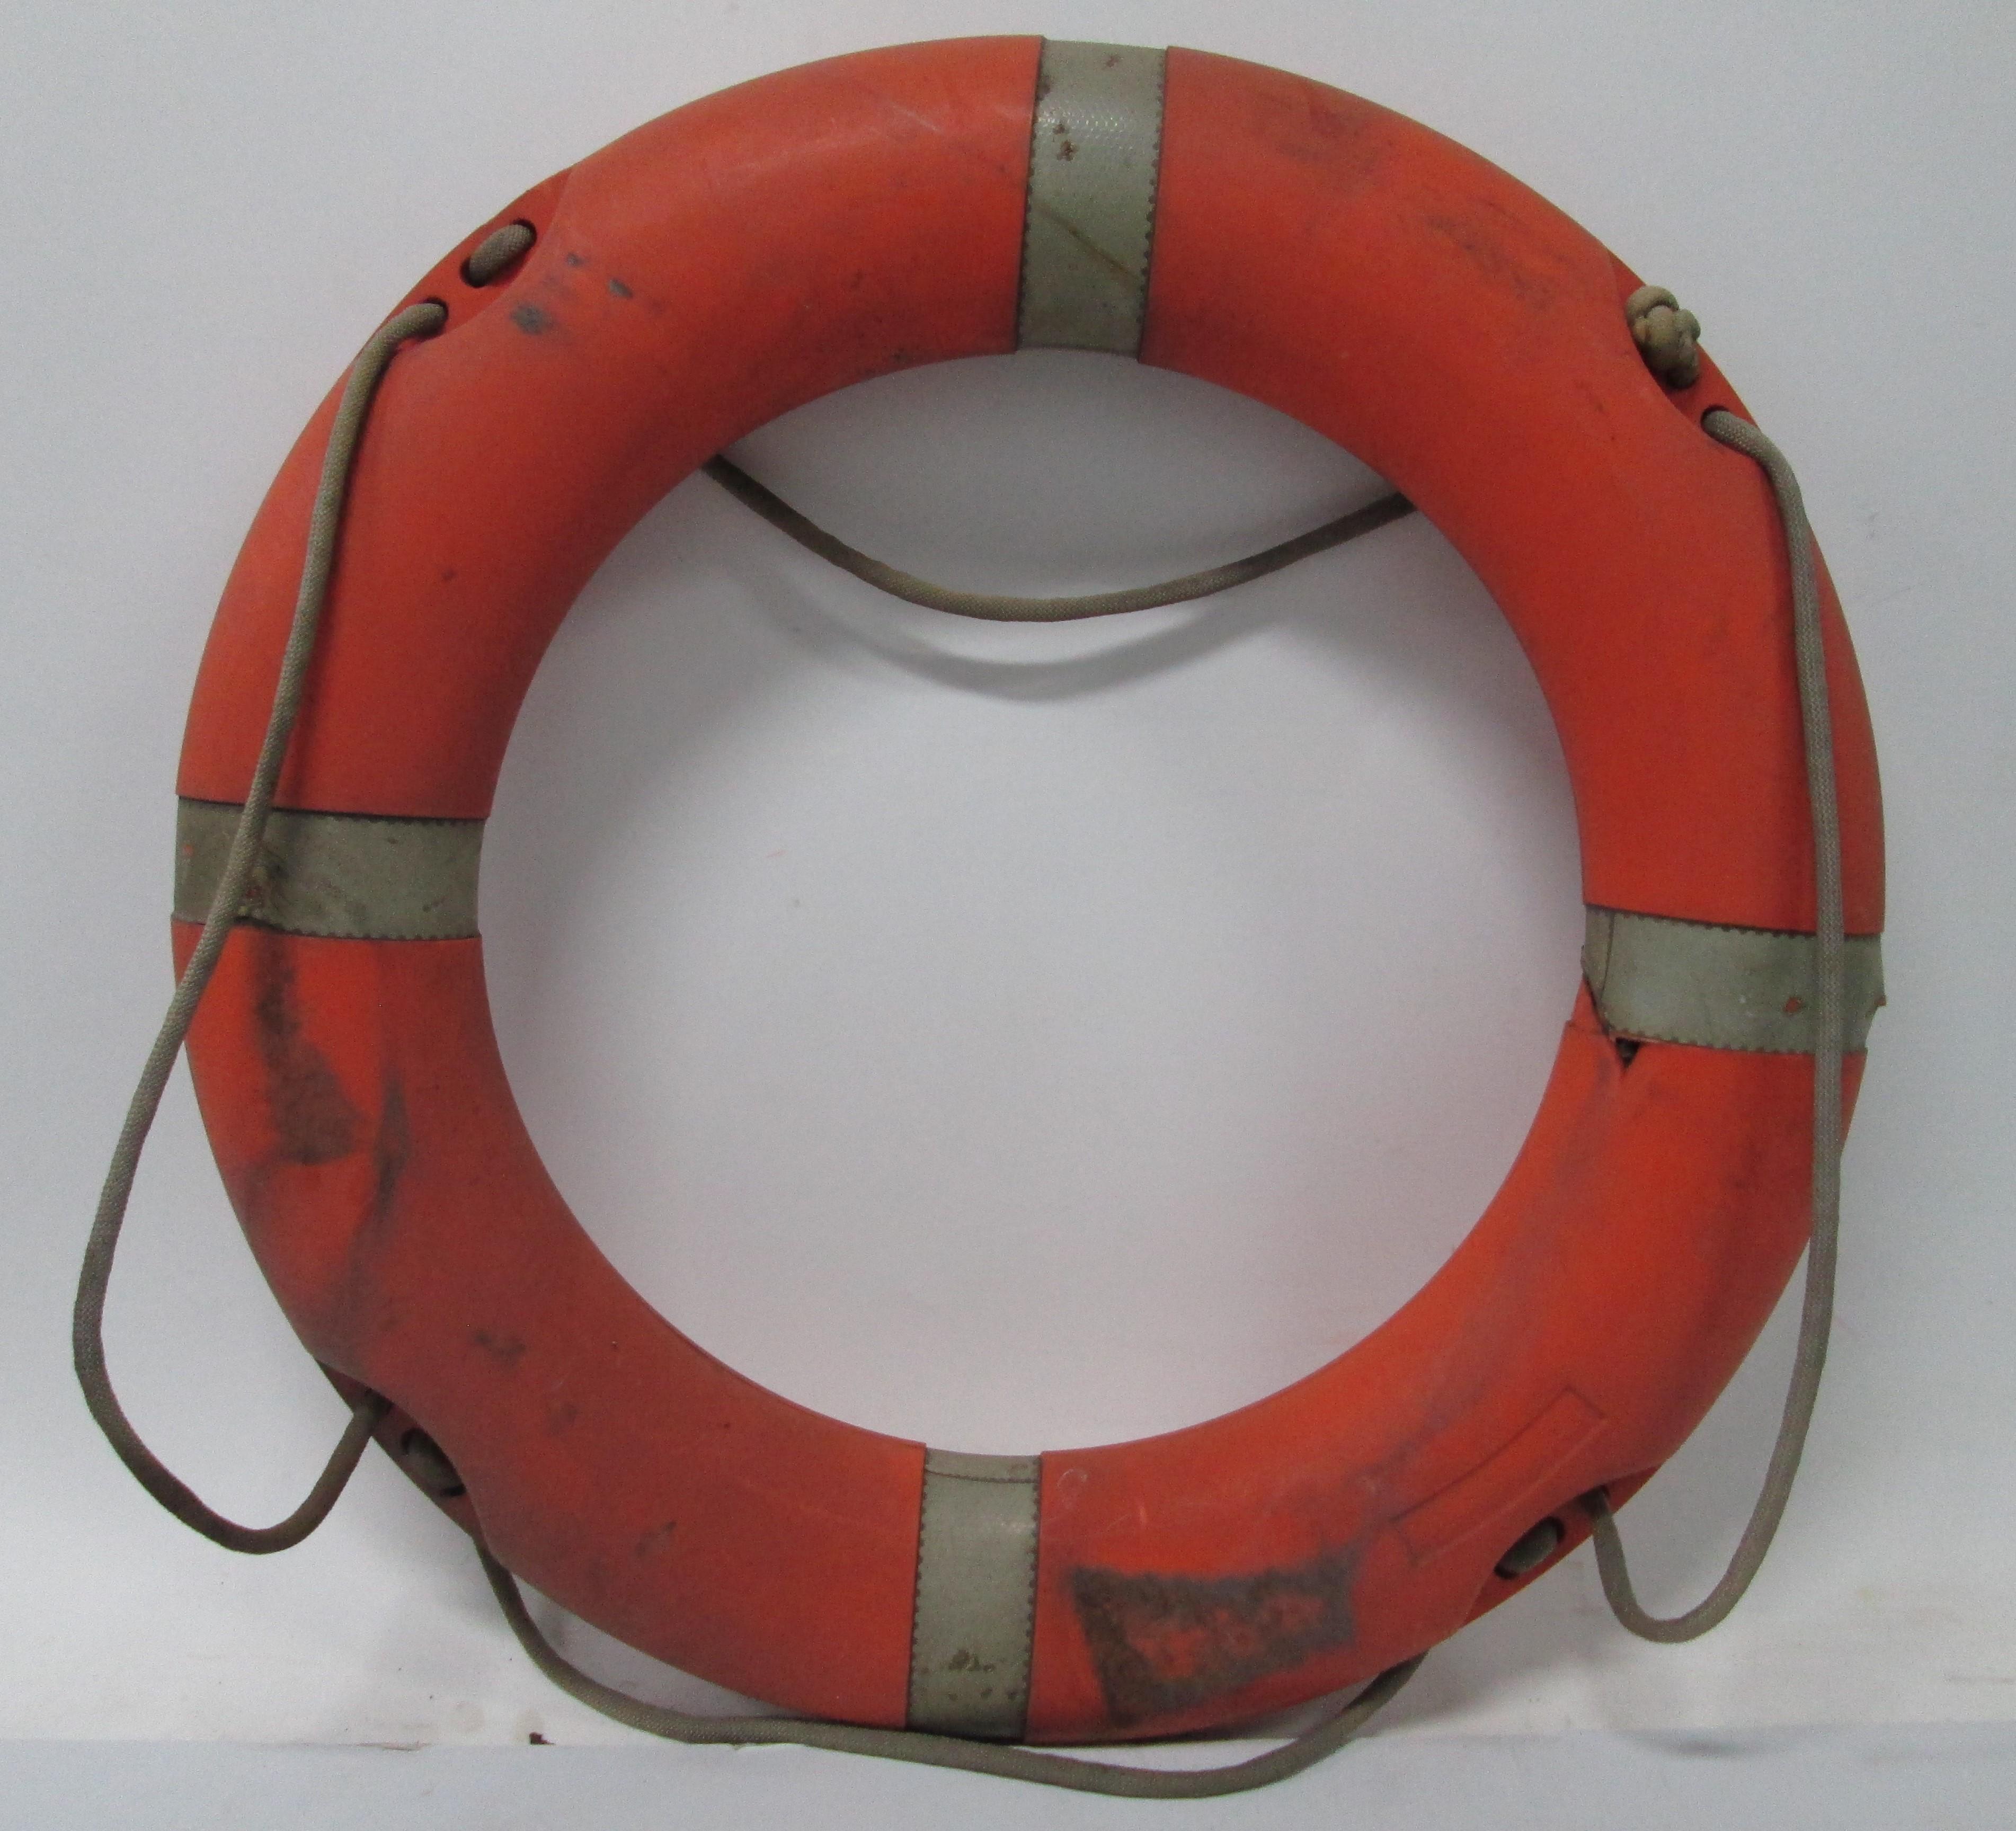 Aro salvavidas de estación de salvamento